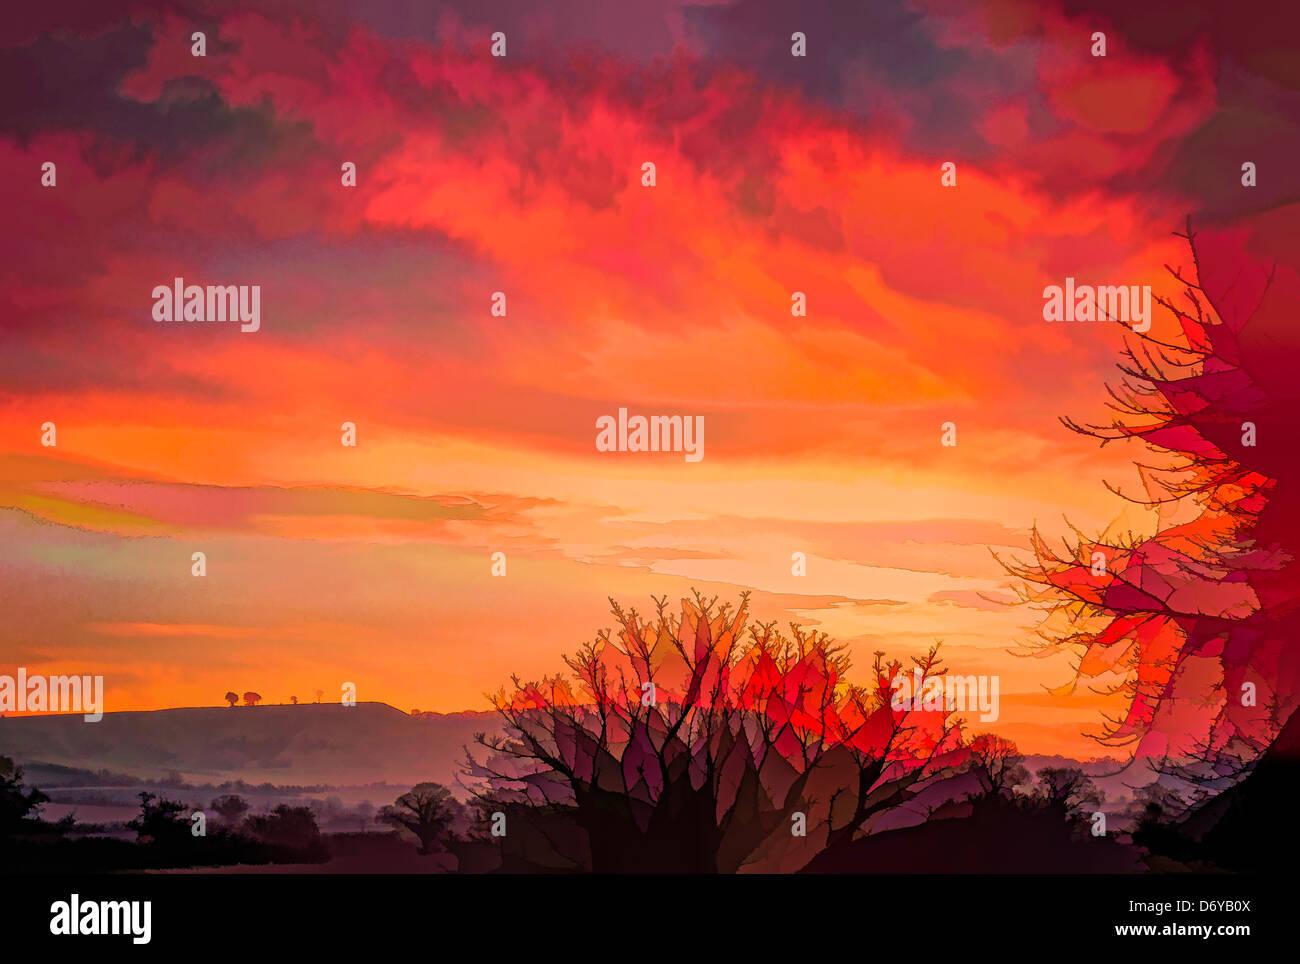 Deliberada interpretación artística del paisaje original Fotografía para simular el calentamiento Imagen De Stock